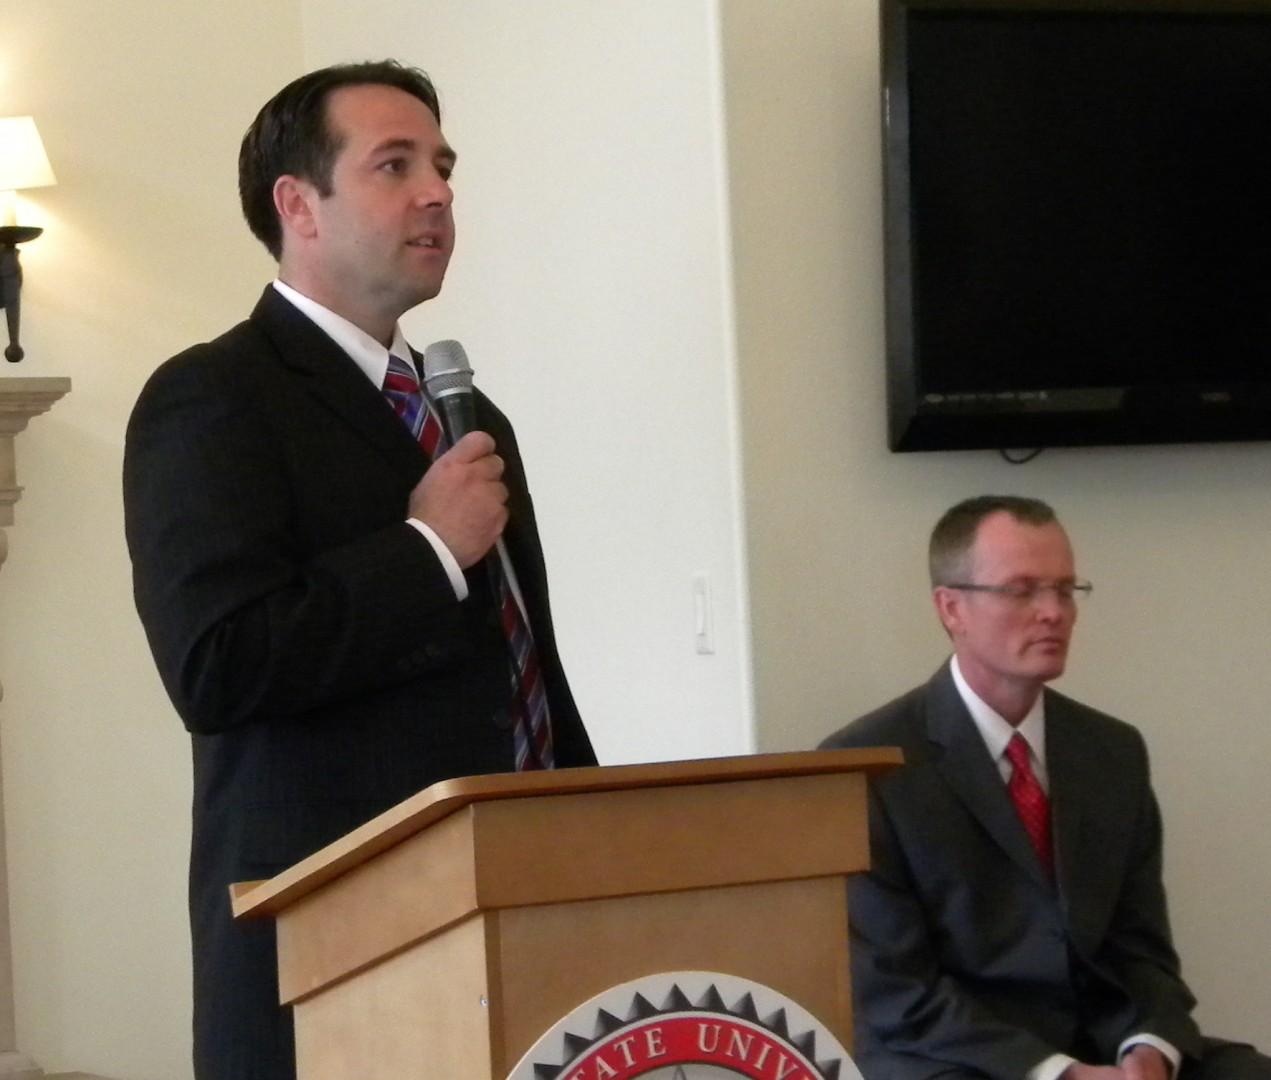 Nathan Caplin speaking at Debate. St George, Utah May 20, 2014 | Photo by T.S Romney St George News